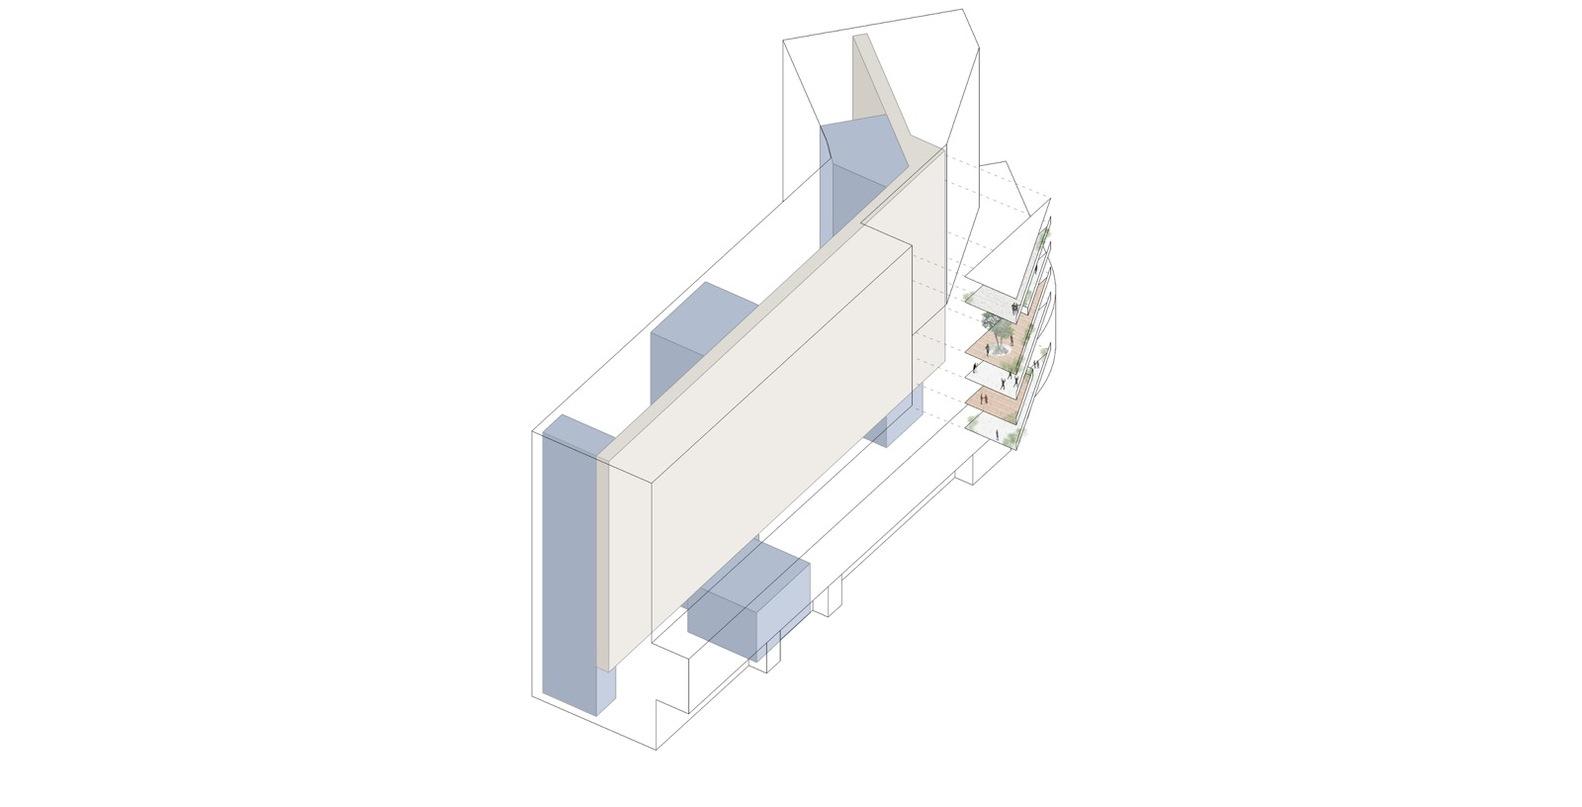 medium resolution of housing l diagrama espacio p blico